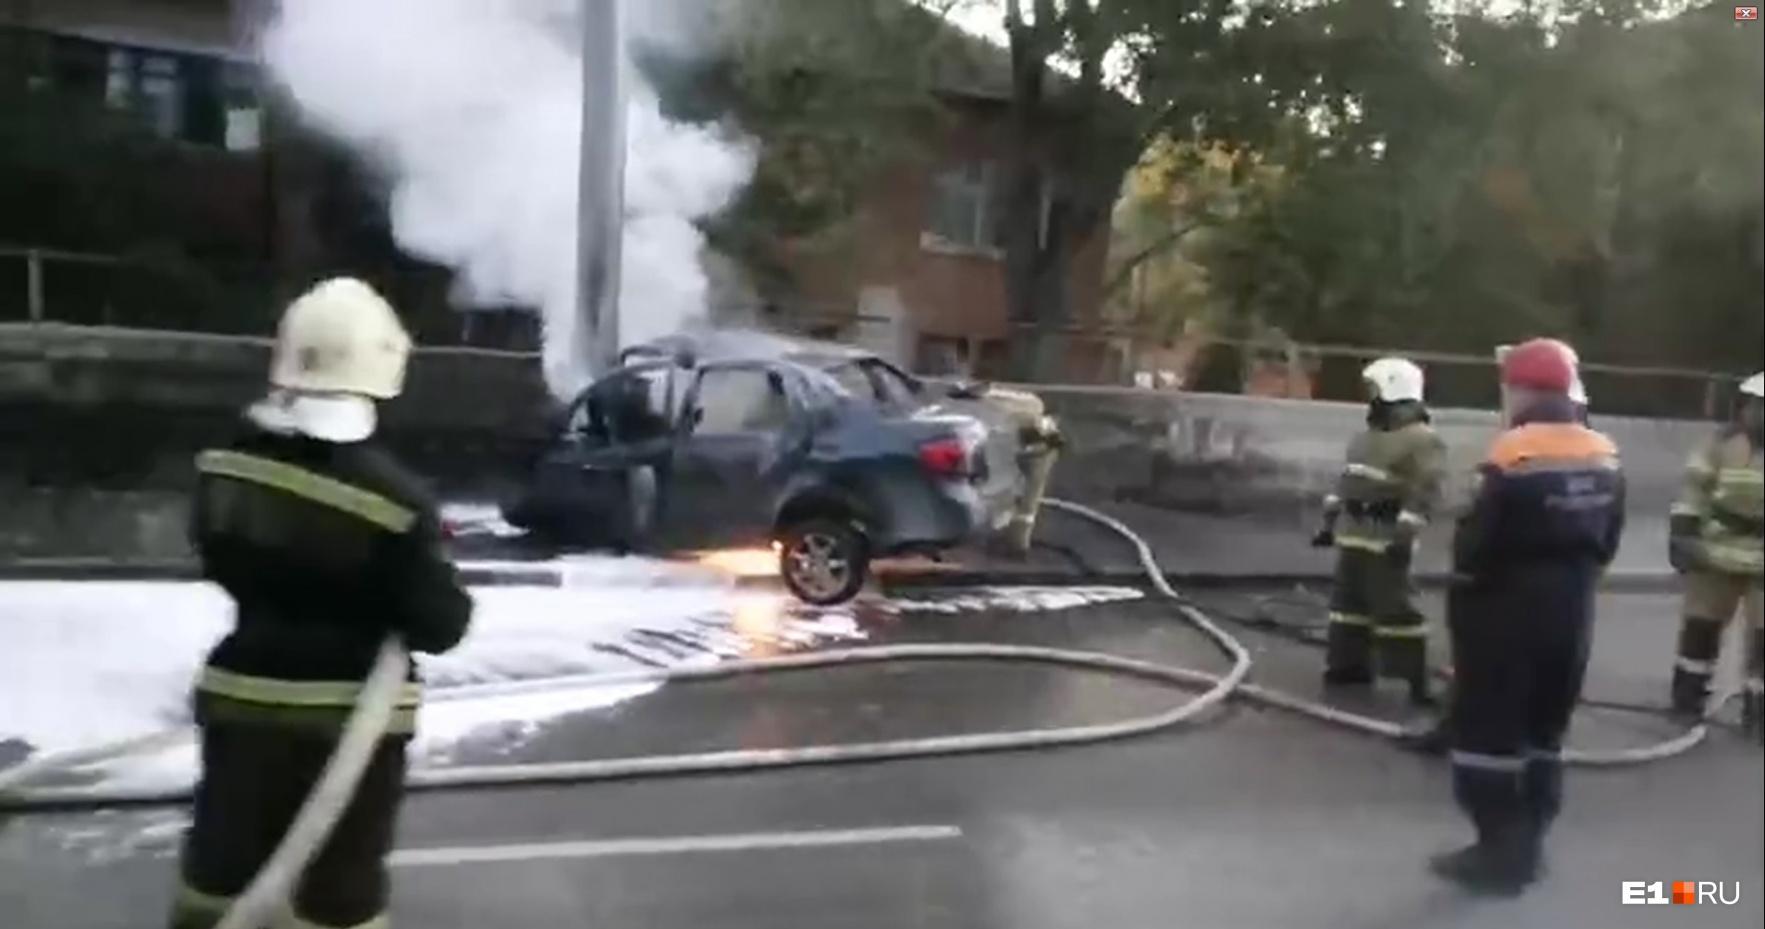 В Екатеринбурге легковушка врезалась в столб и загорелась. Есть пострадавшие